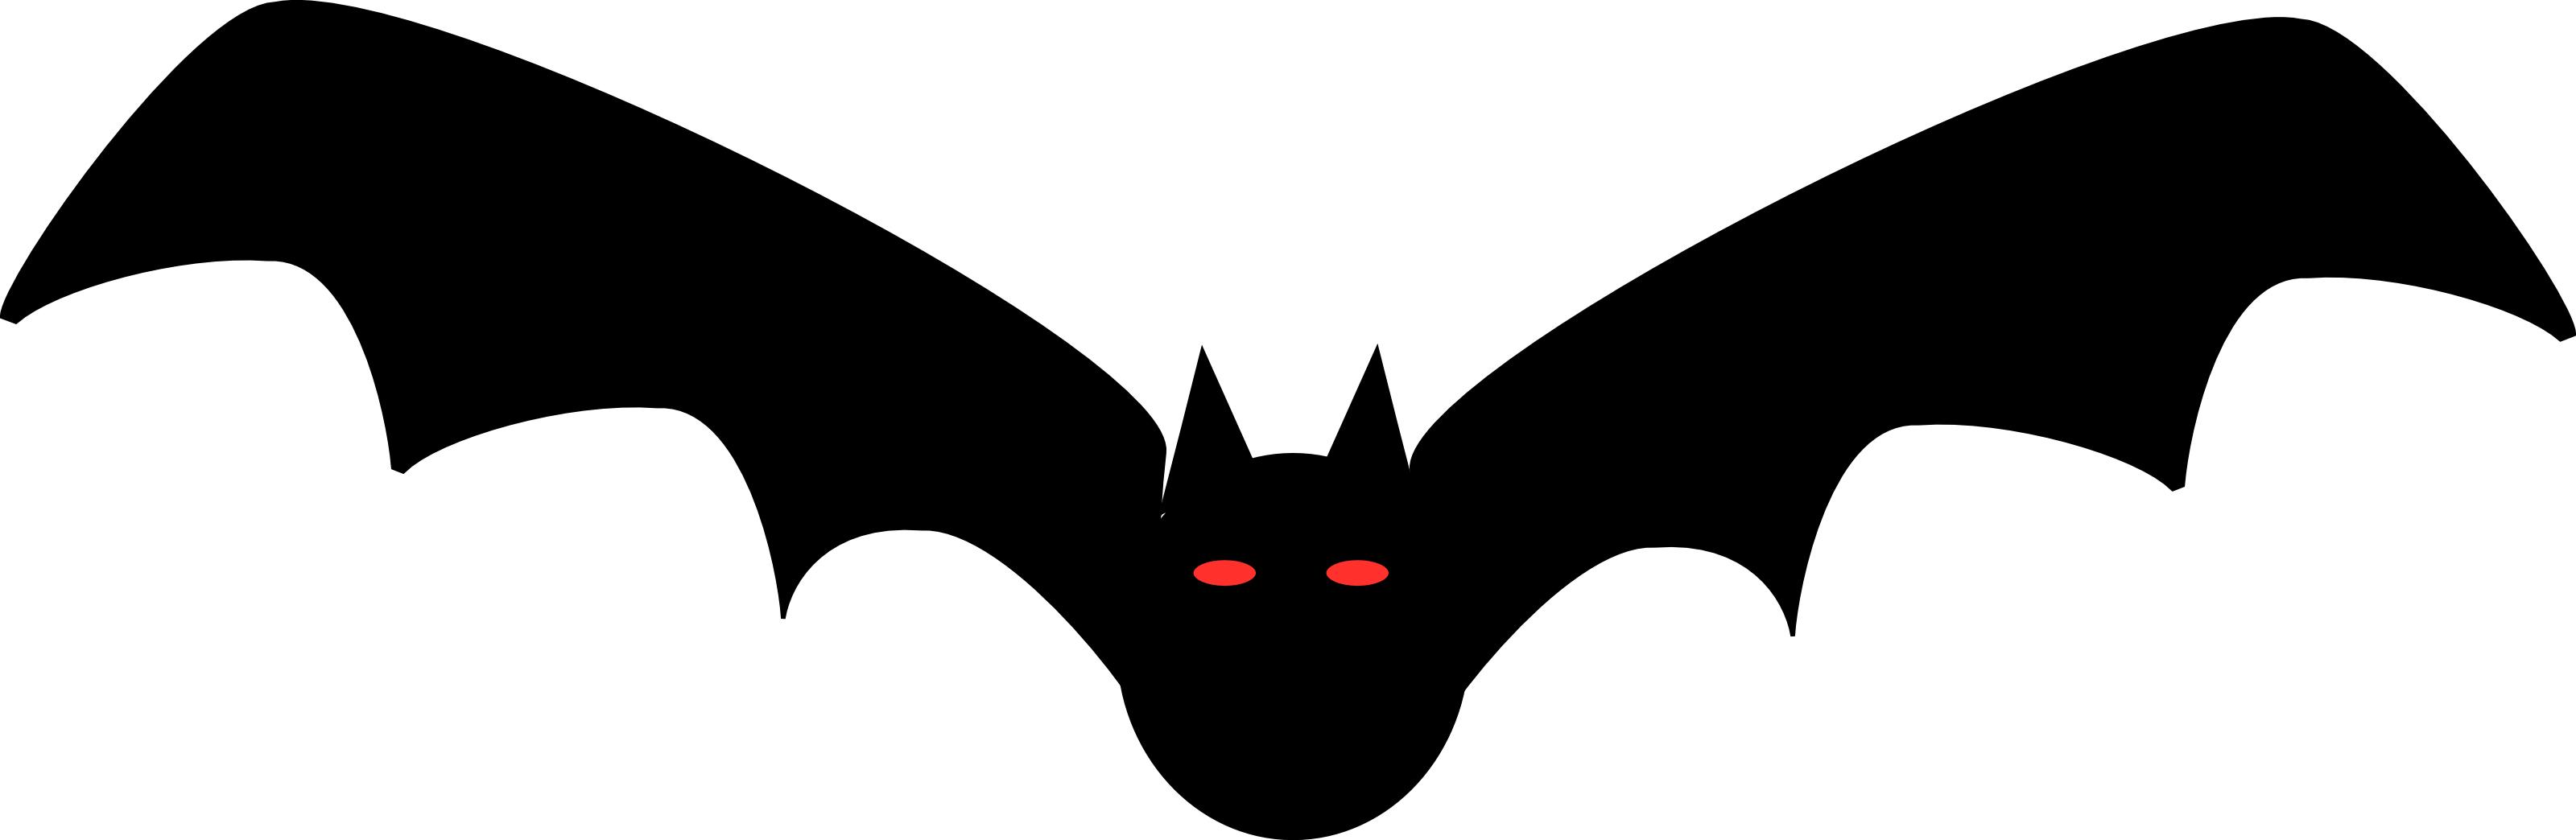 Bat Clipart.